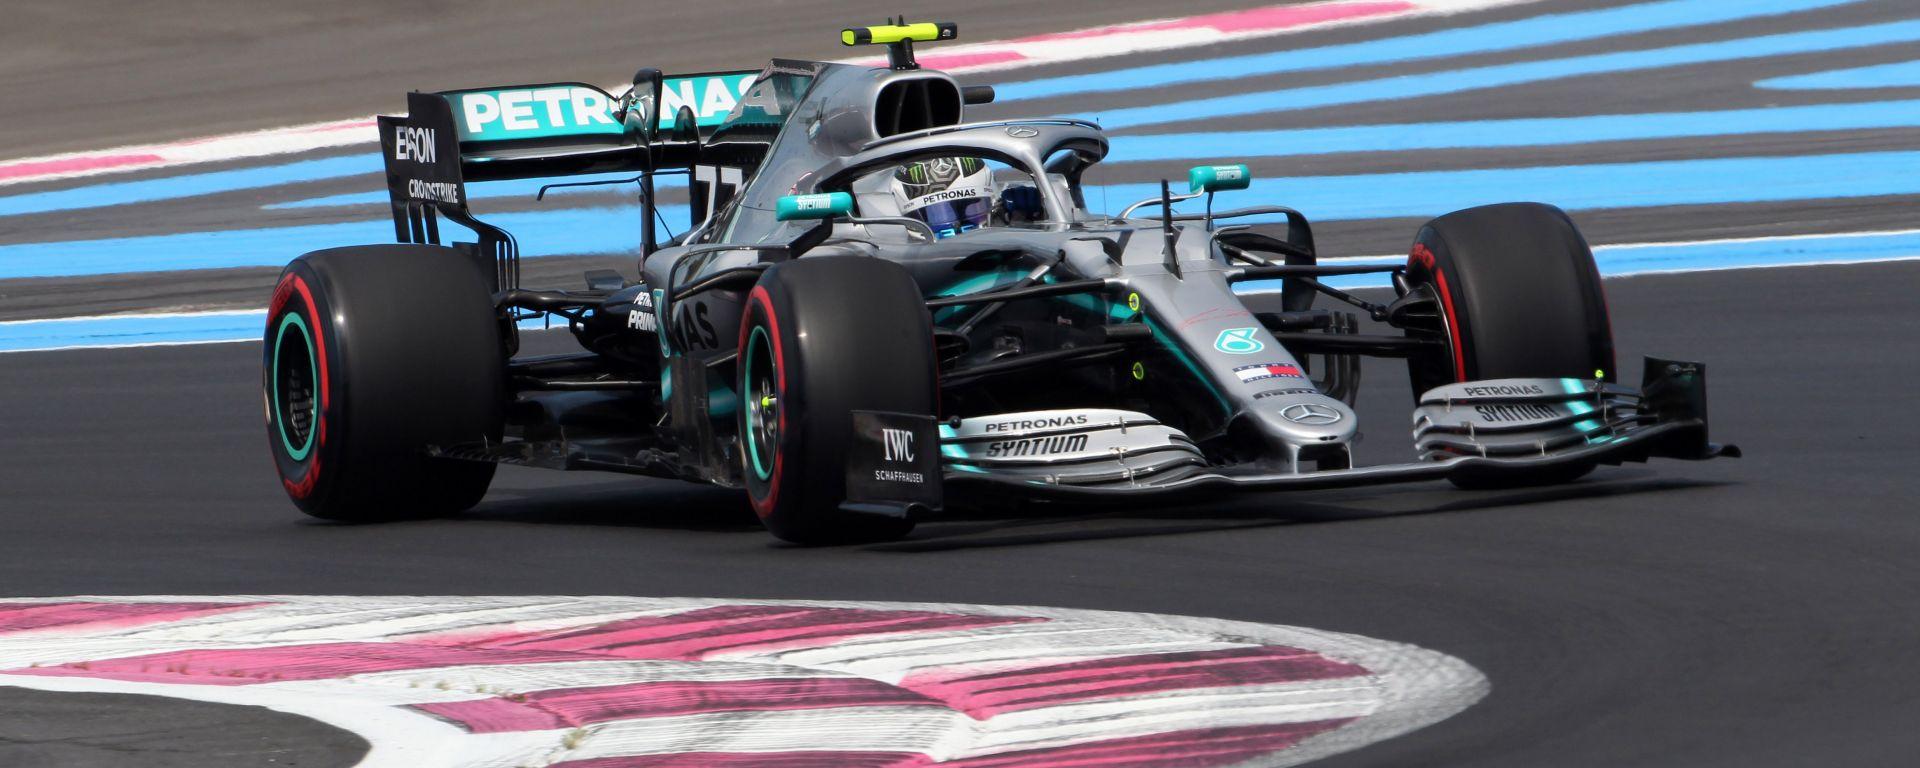 F1 GP Francia 2019 – PL2: Bottas vola, Hamilton sotto investigazione